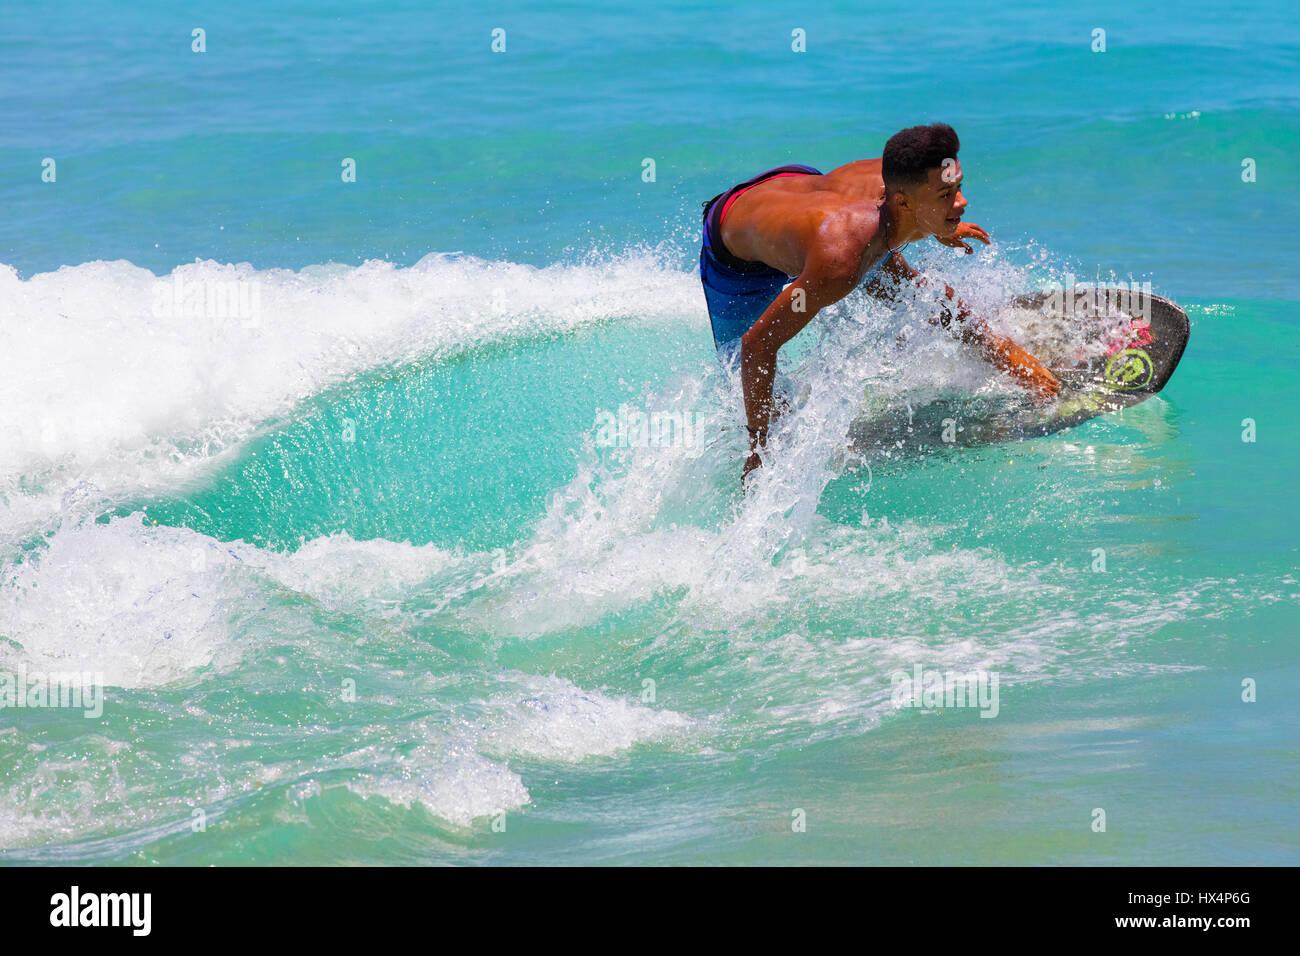 Jeune surfer à proximité de plage de Lopes Mendes. Ilha Grande, RJ, Brésil. Photo Stock